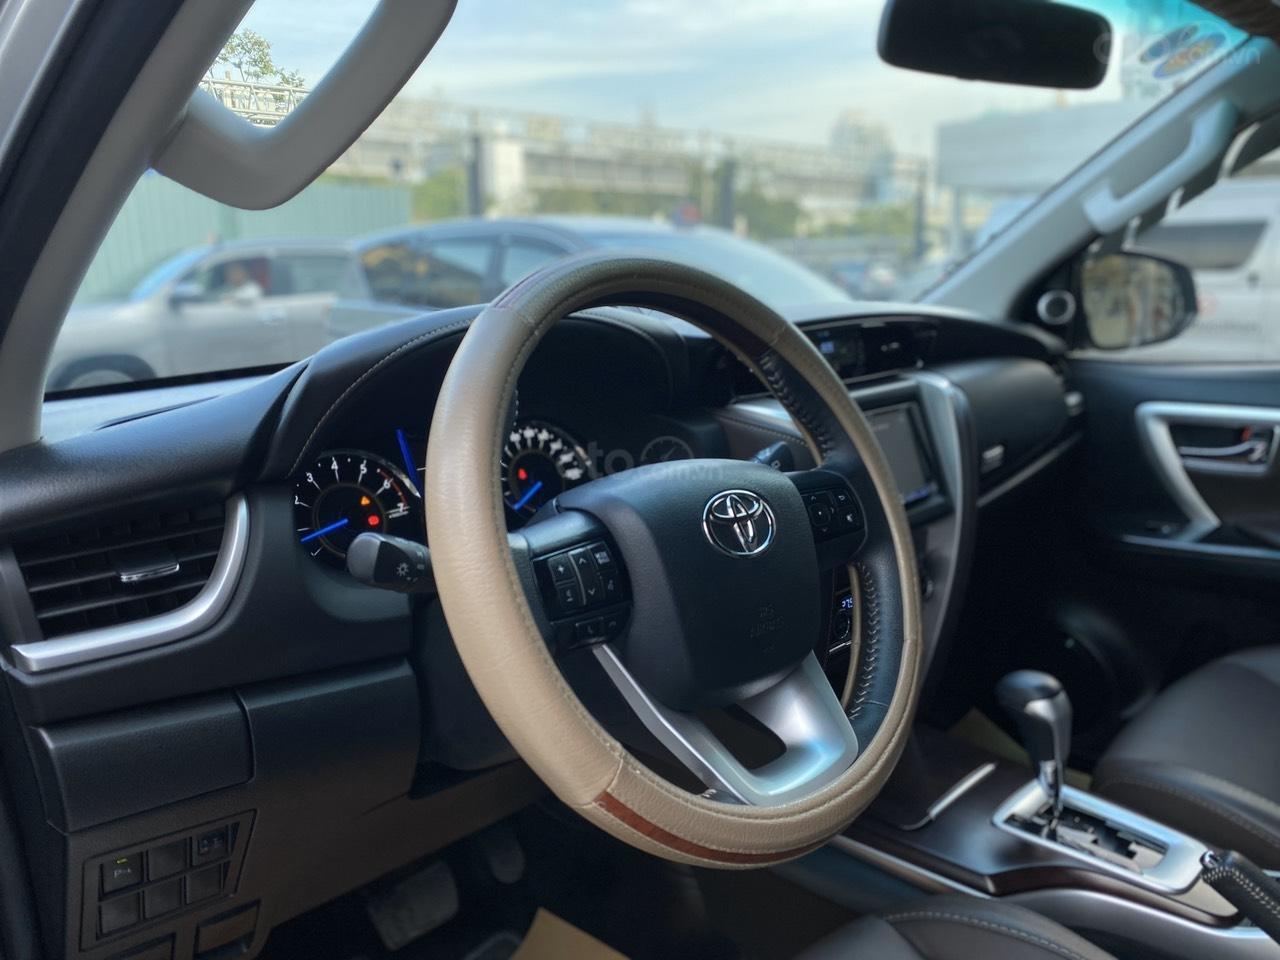 Bán Toyota Fortuner 2.7V 4x2 AT 2017, màu bạc, nhập khẩu, đi 23.000km giá 970tr (9)